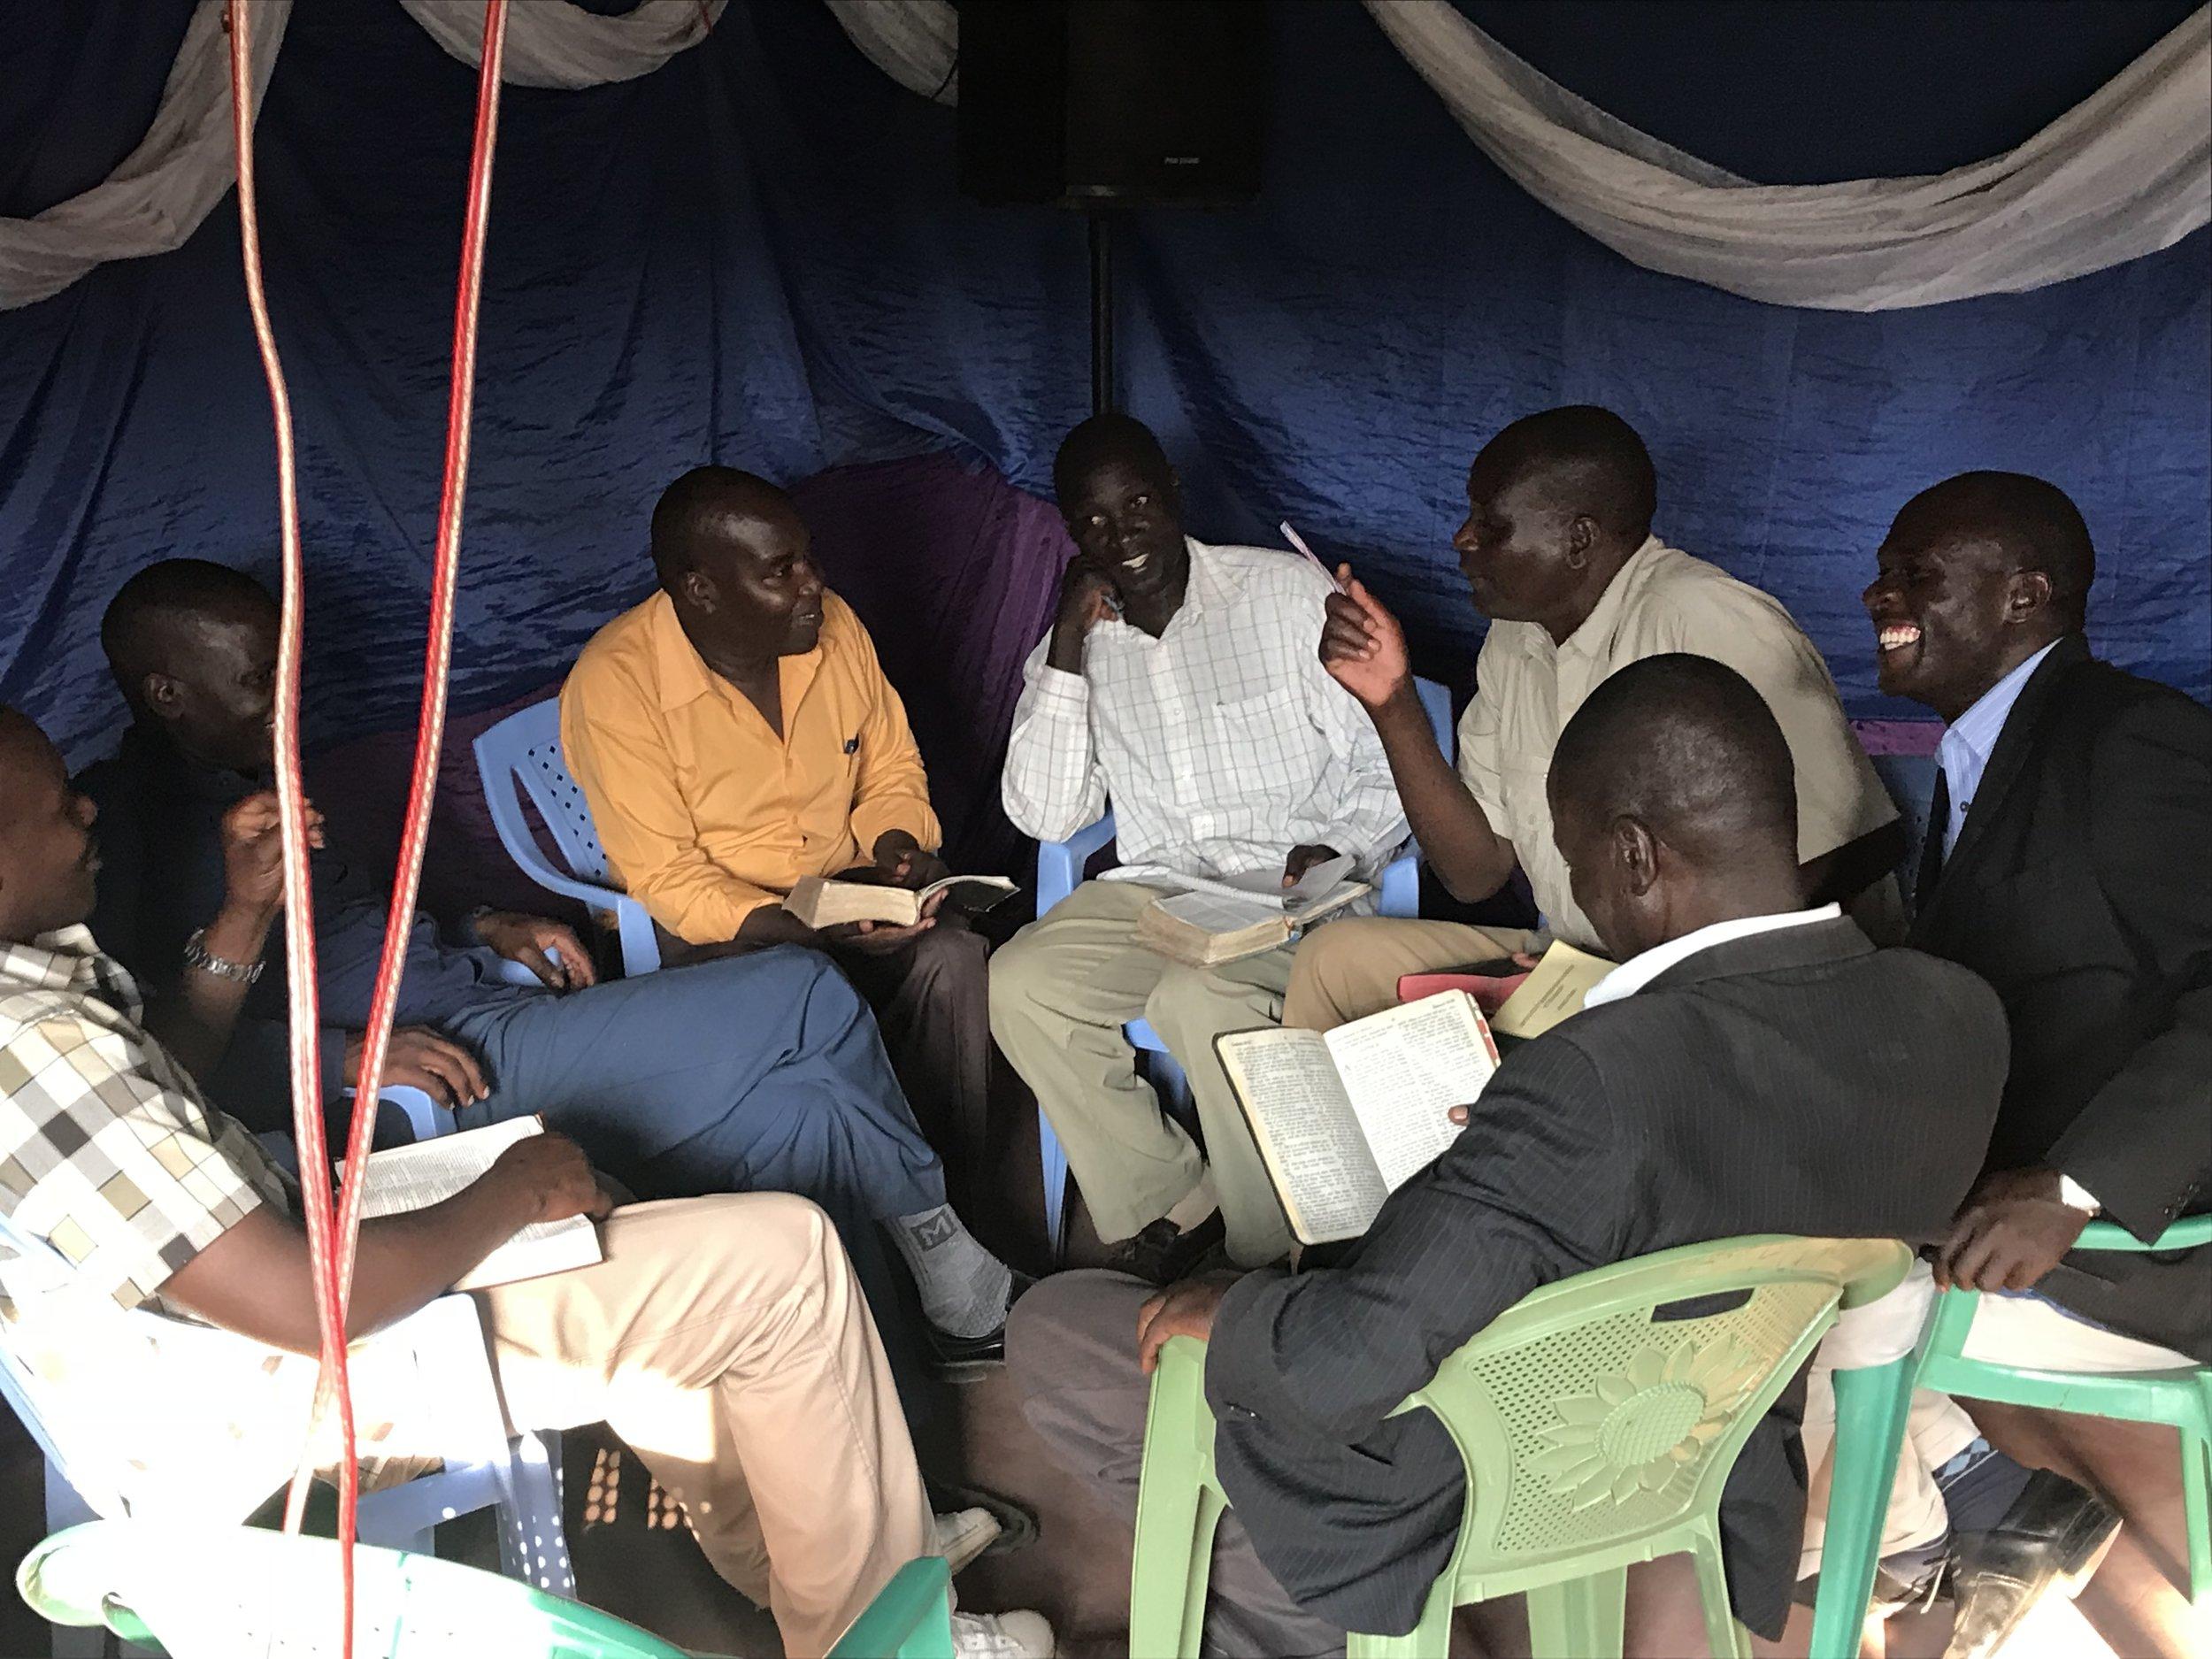 pastors discussing3.jpg